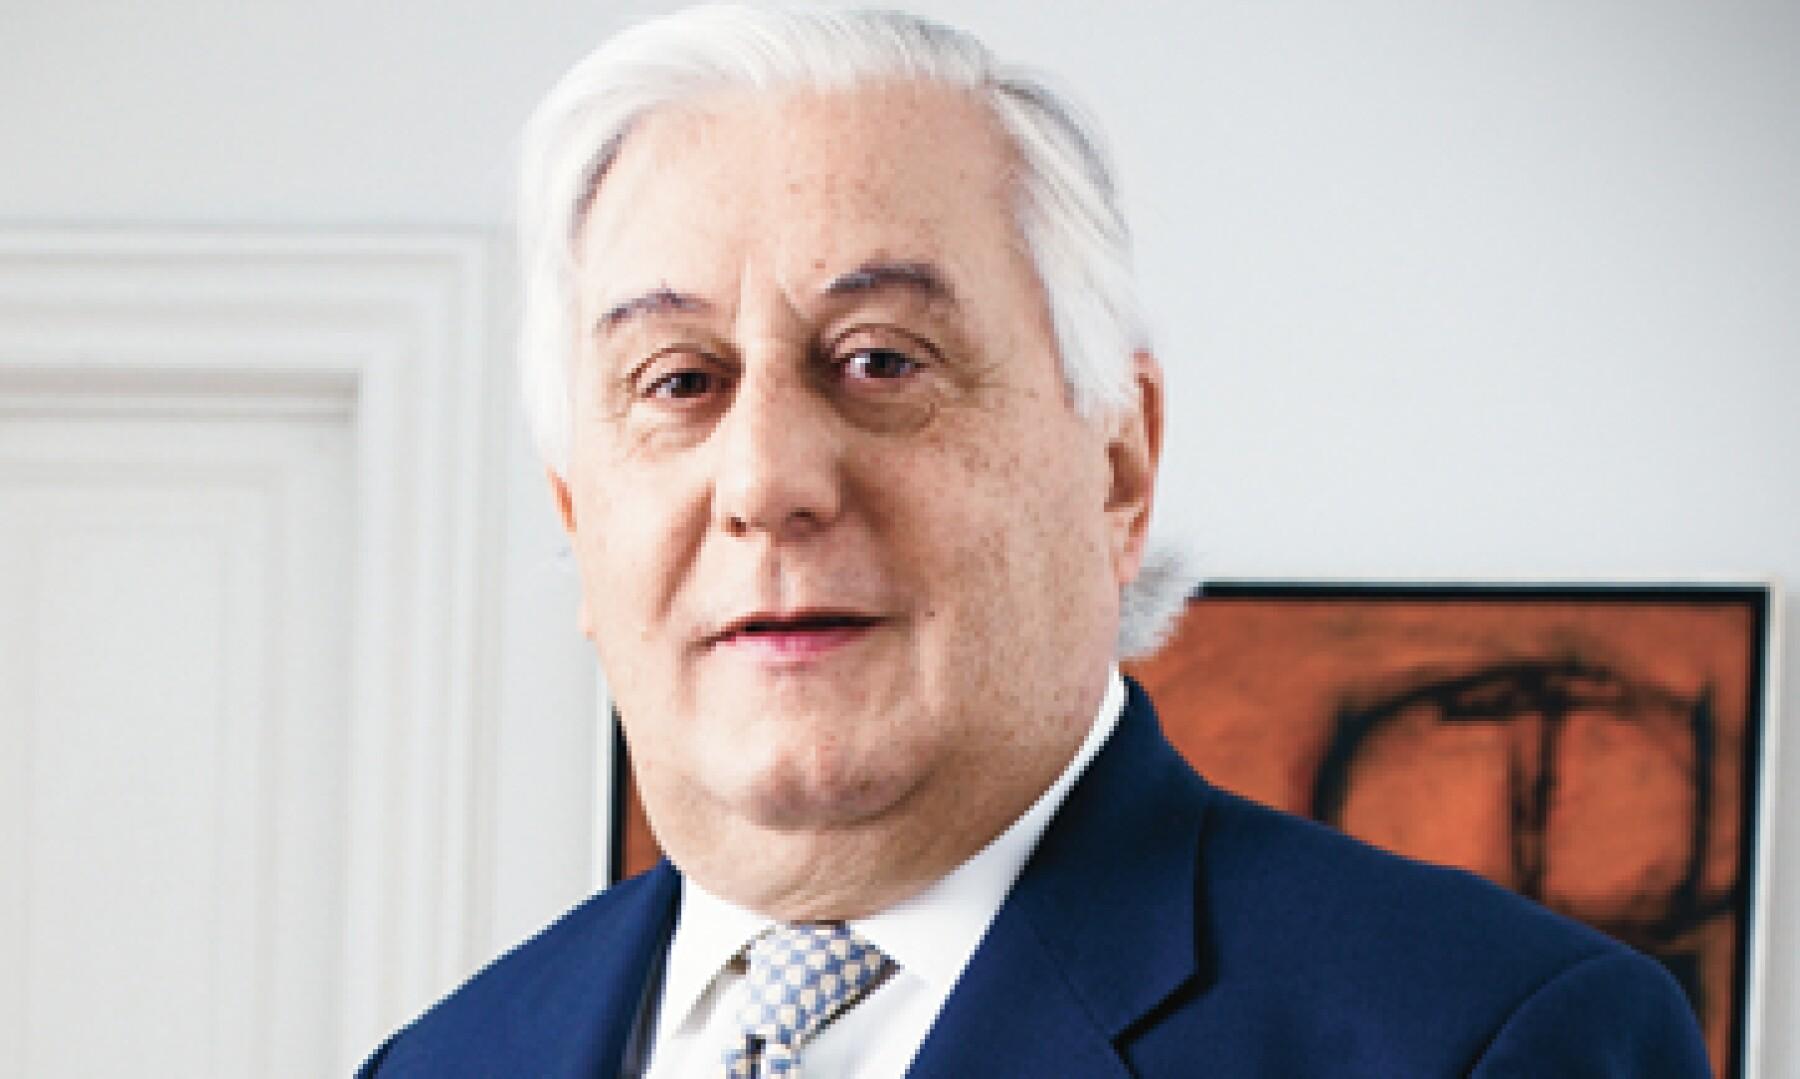 Antonio del Valle Ruiz realizará inversiones hasta por 2,600 millones de dólares durante el transcurso del 2013. (Foto: Gilberto Contreras)